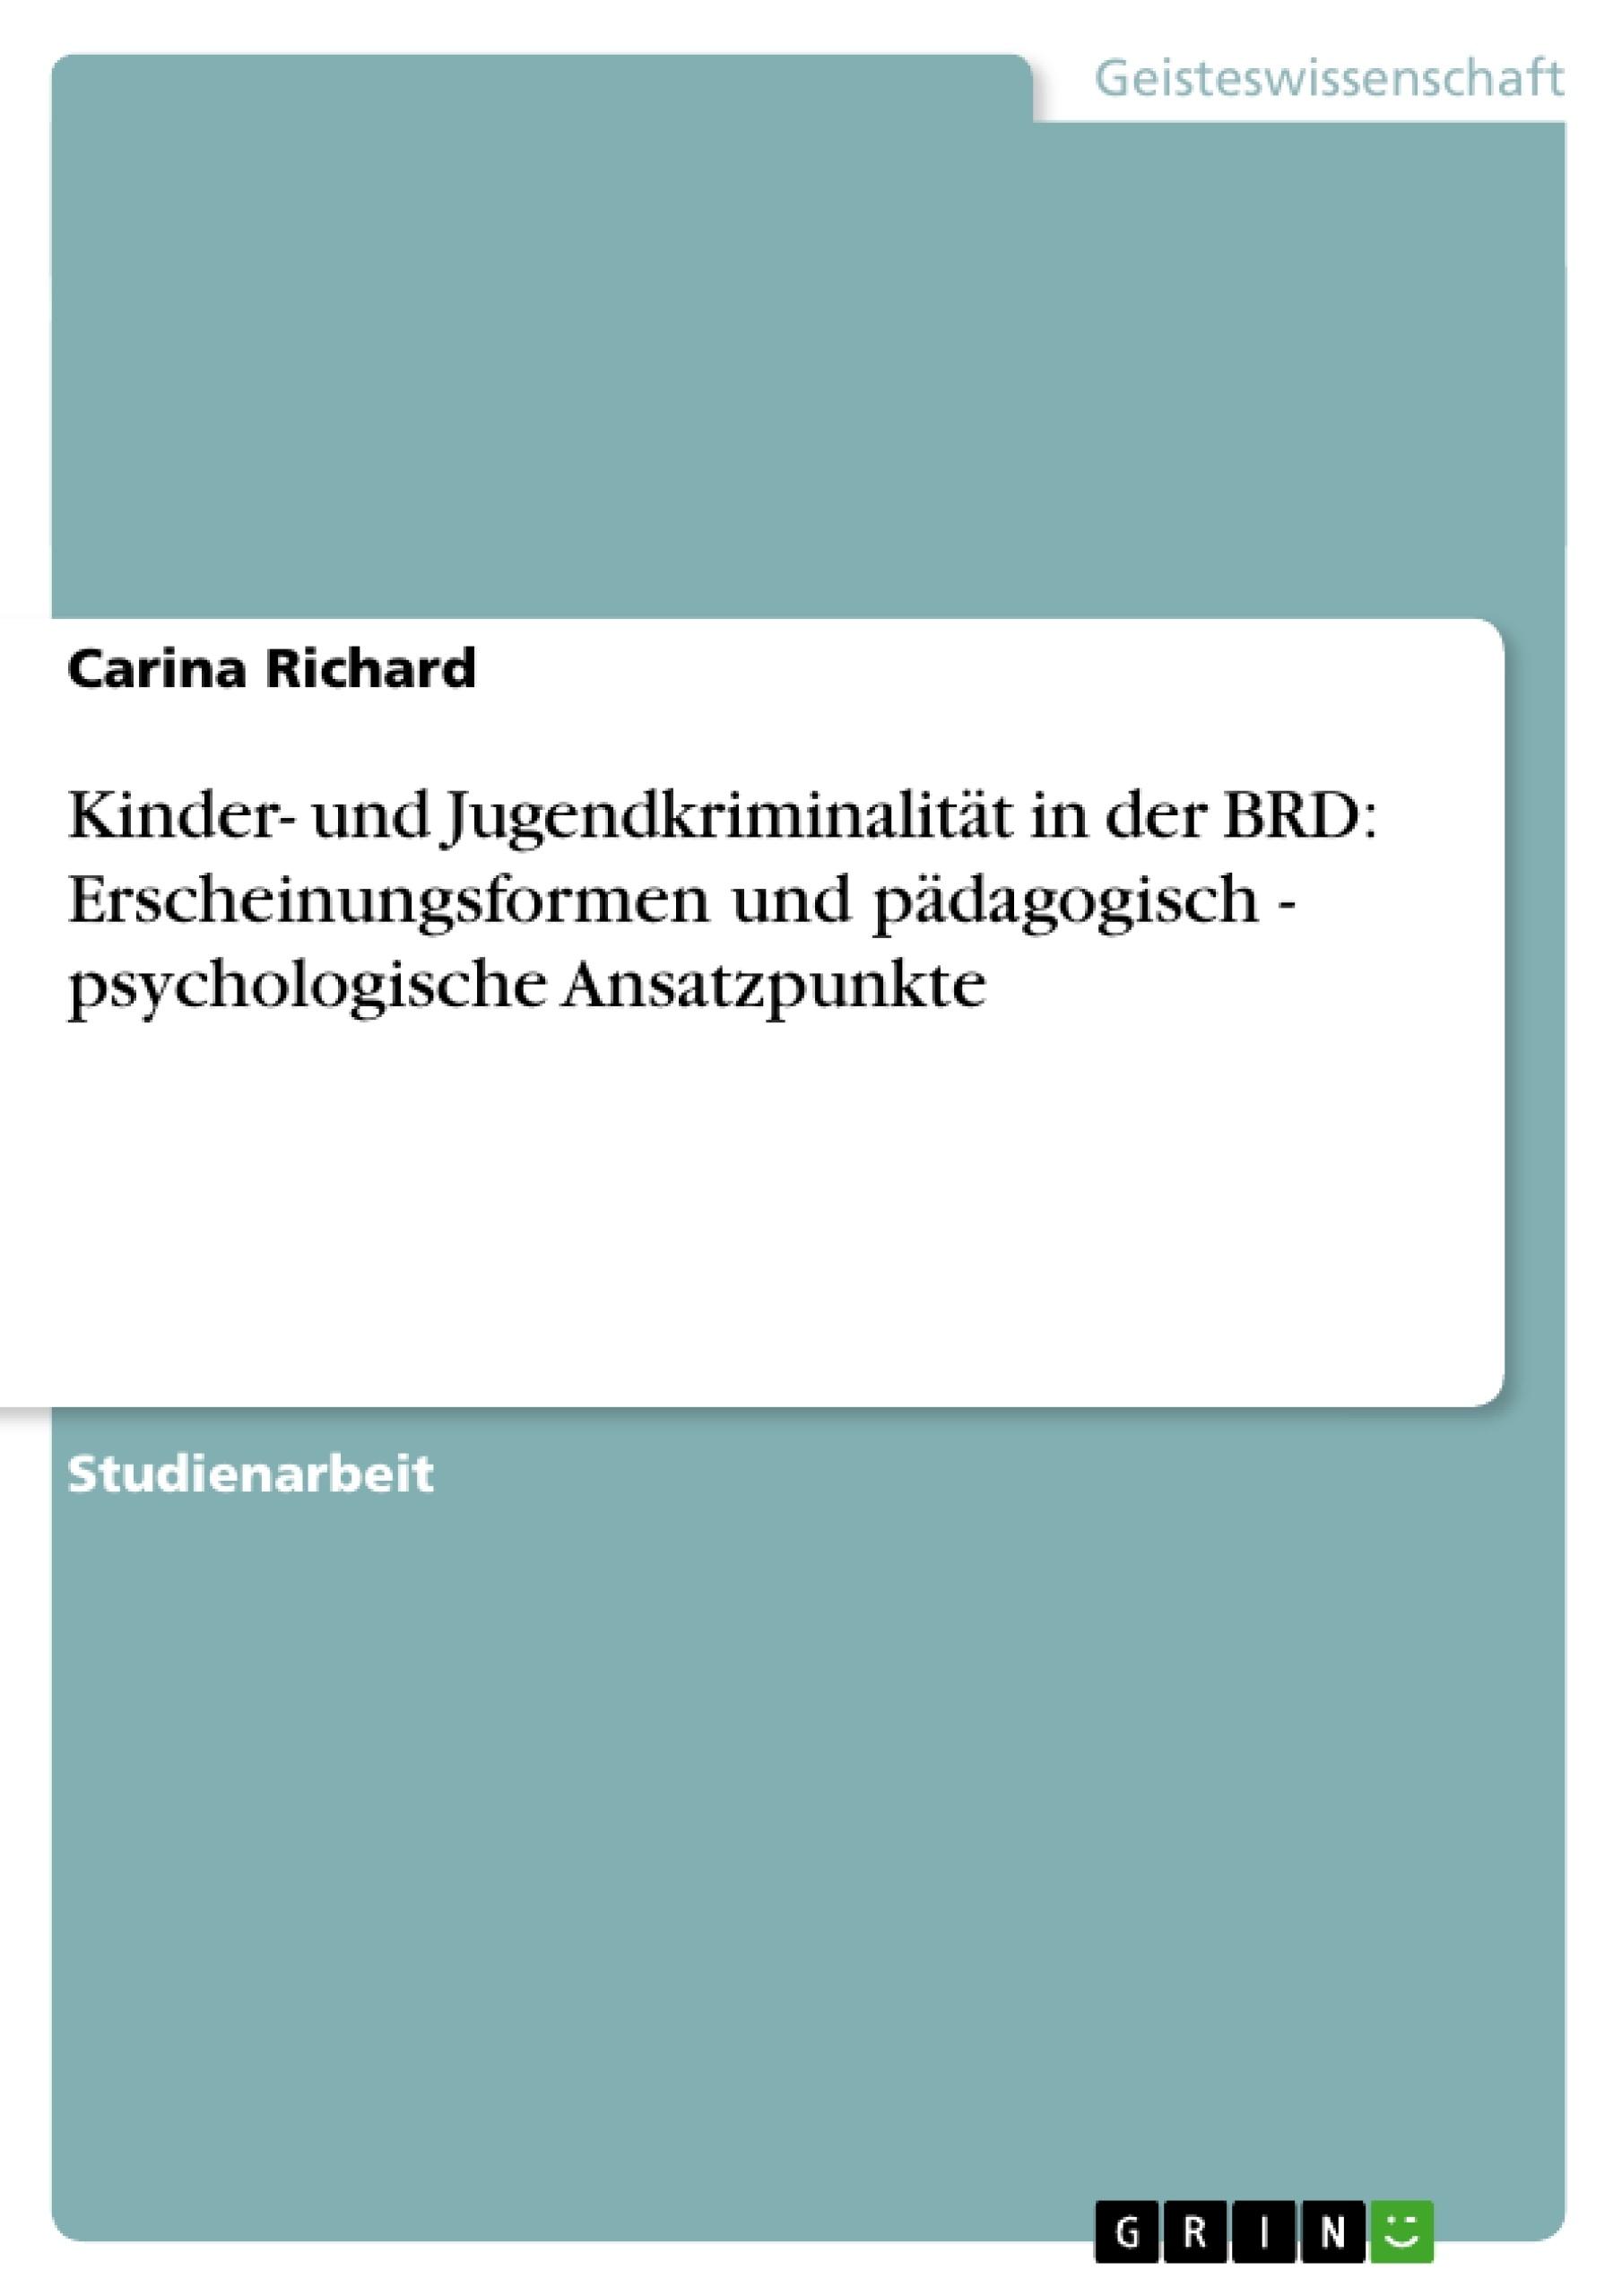 Titel: Kinder- und Jugendkriminalität in der BRD: Erscheinungsformen und pädagogisch - psychologische Ansatzpunkte